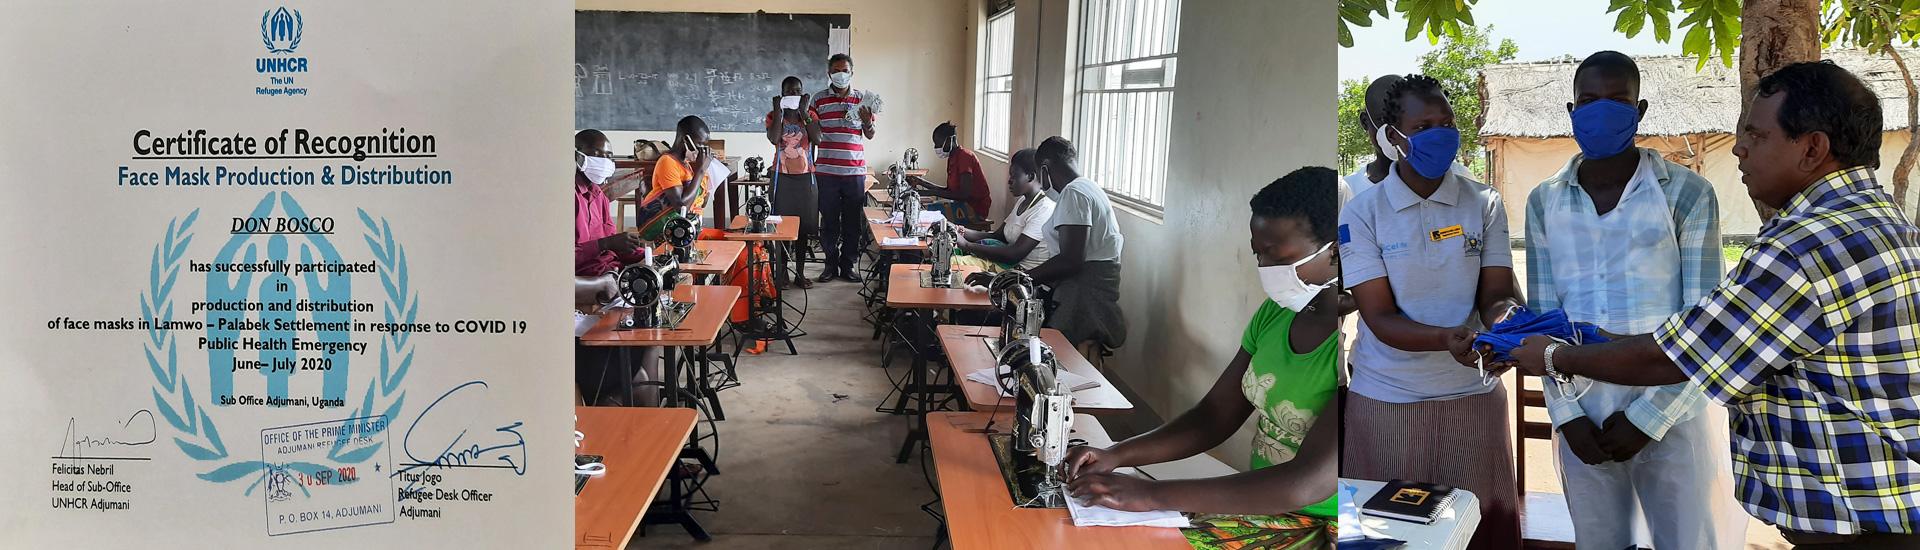 ACNUR reconoce el trabajo de los misioneros salesianos con los refugiados para confeccionar mascarillas en Palabek